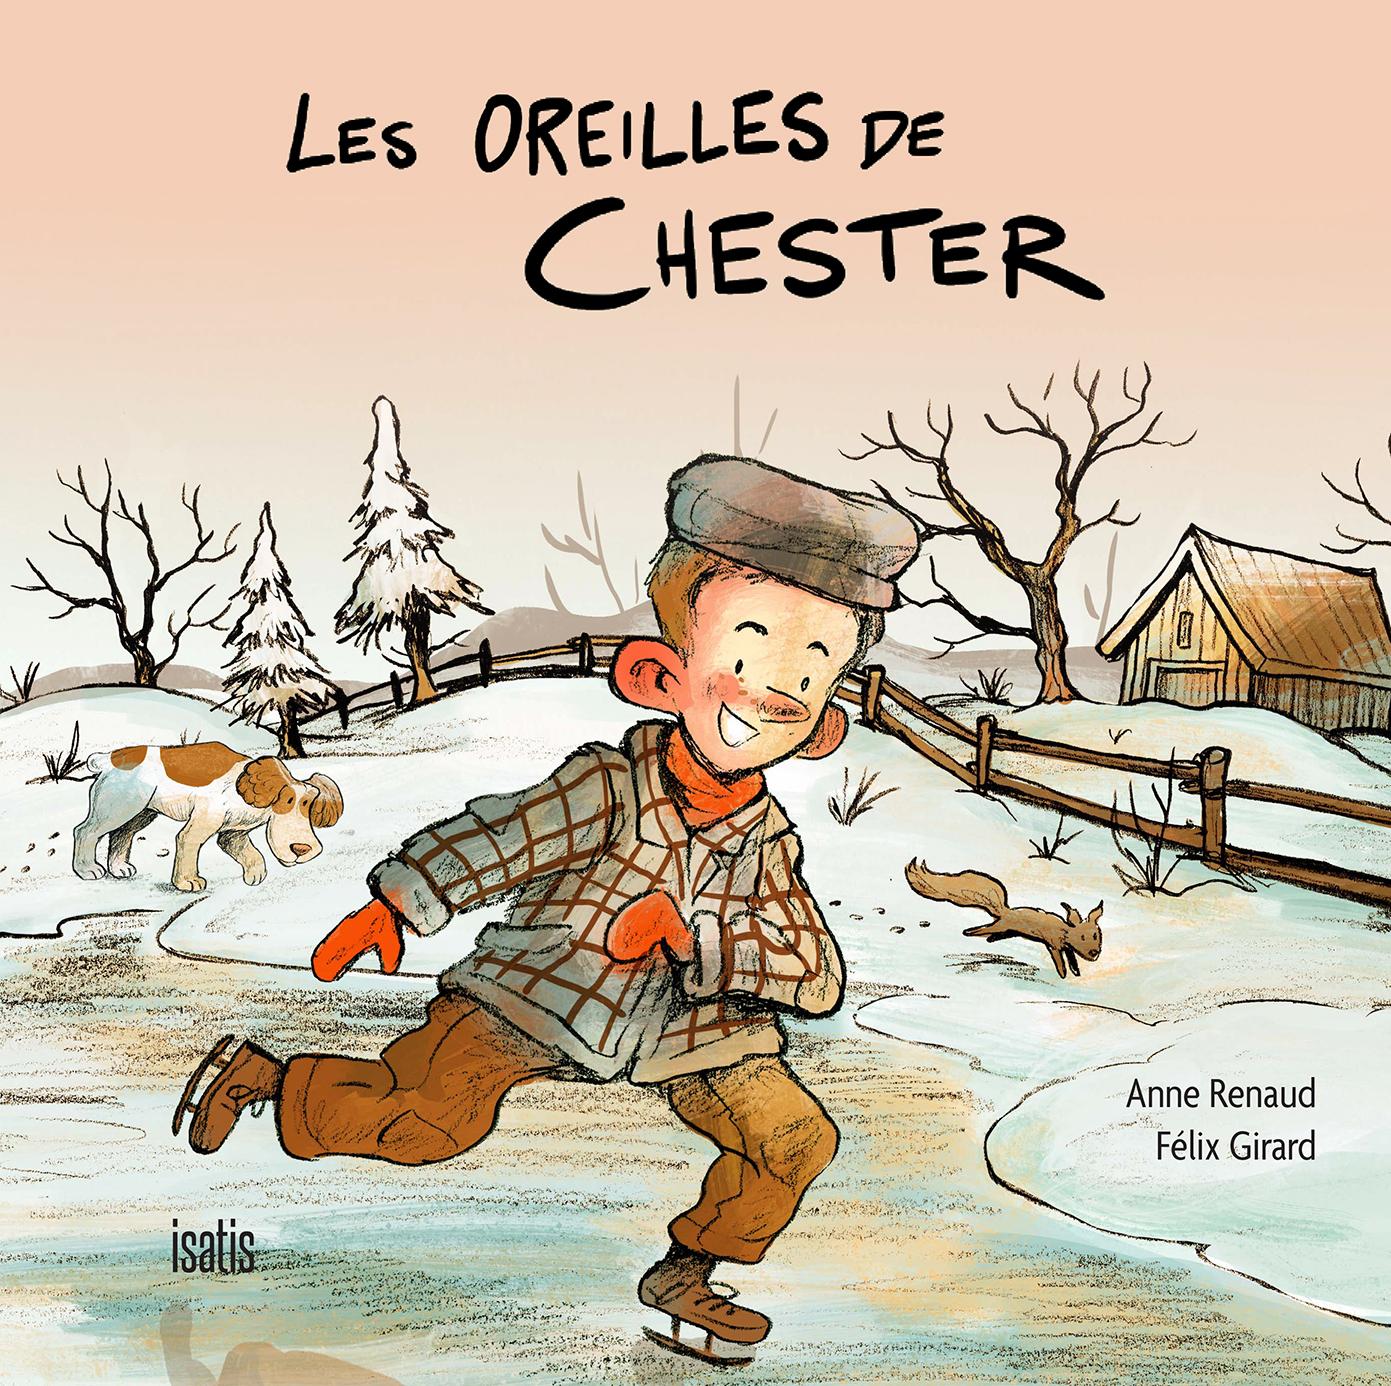 Les oreilles de Chester - Éditions de Isatis